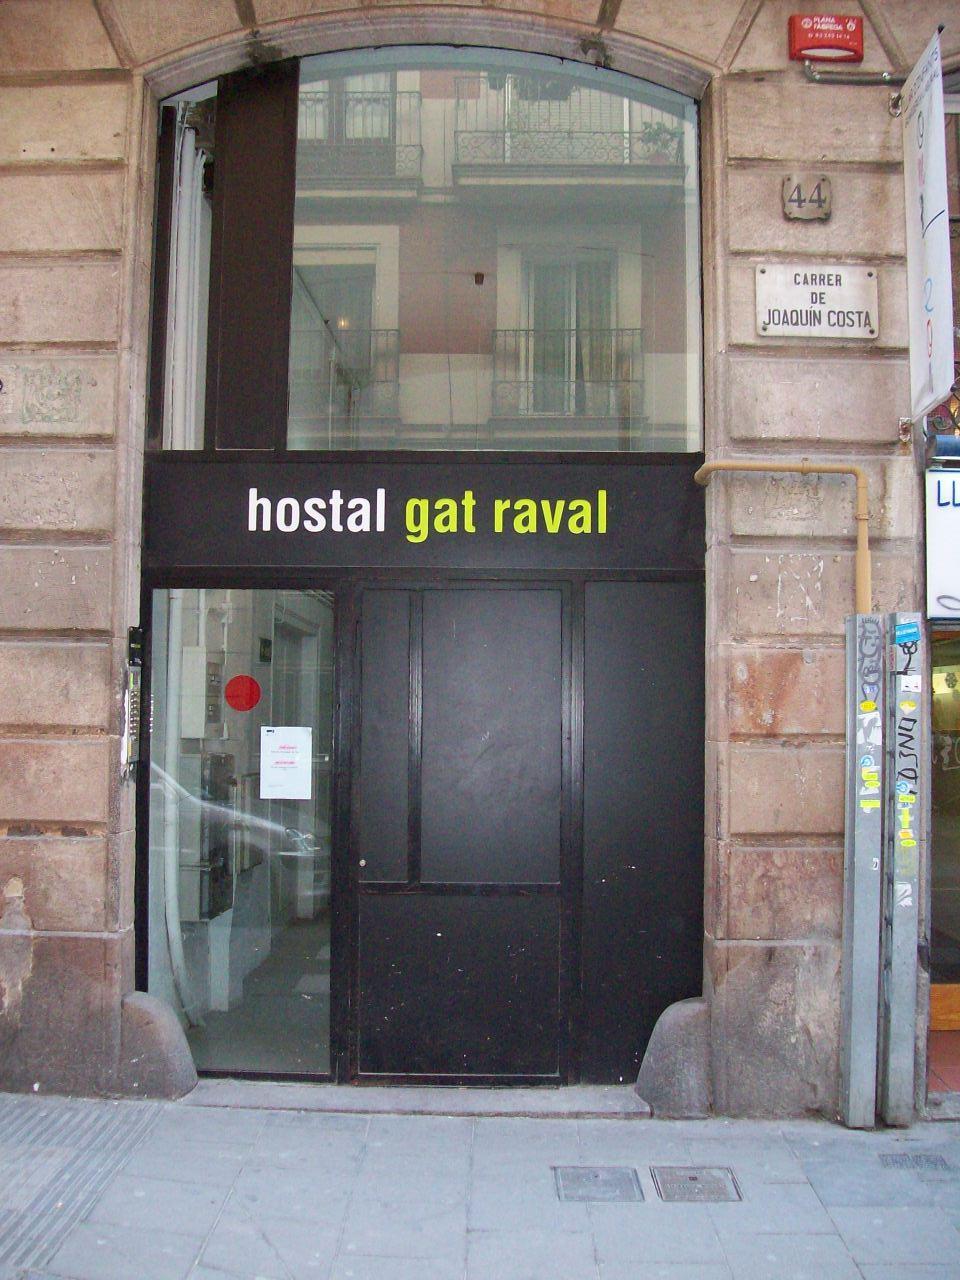 Hostal Gat Raval